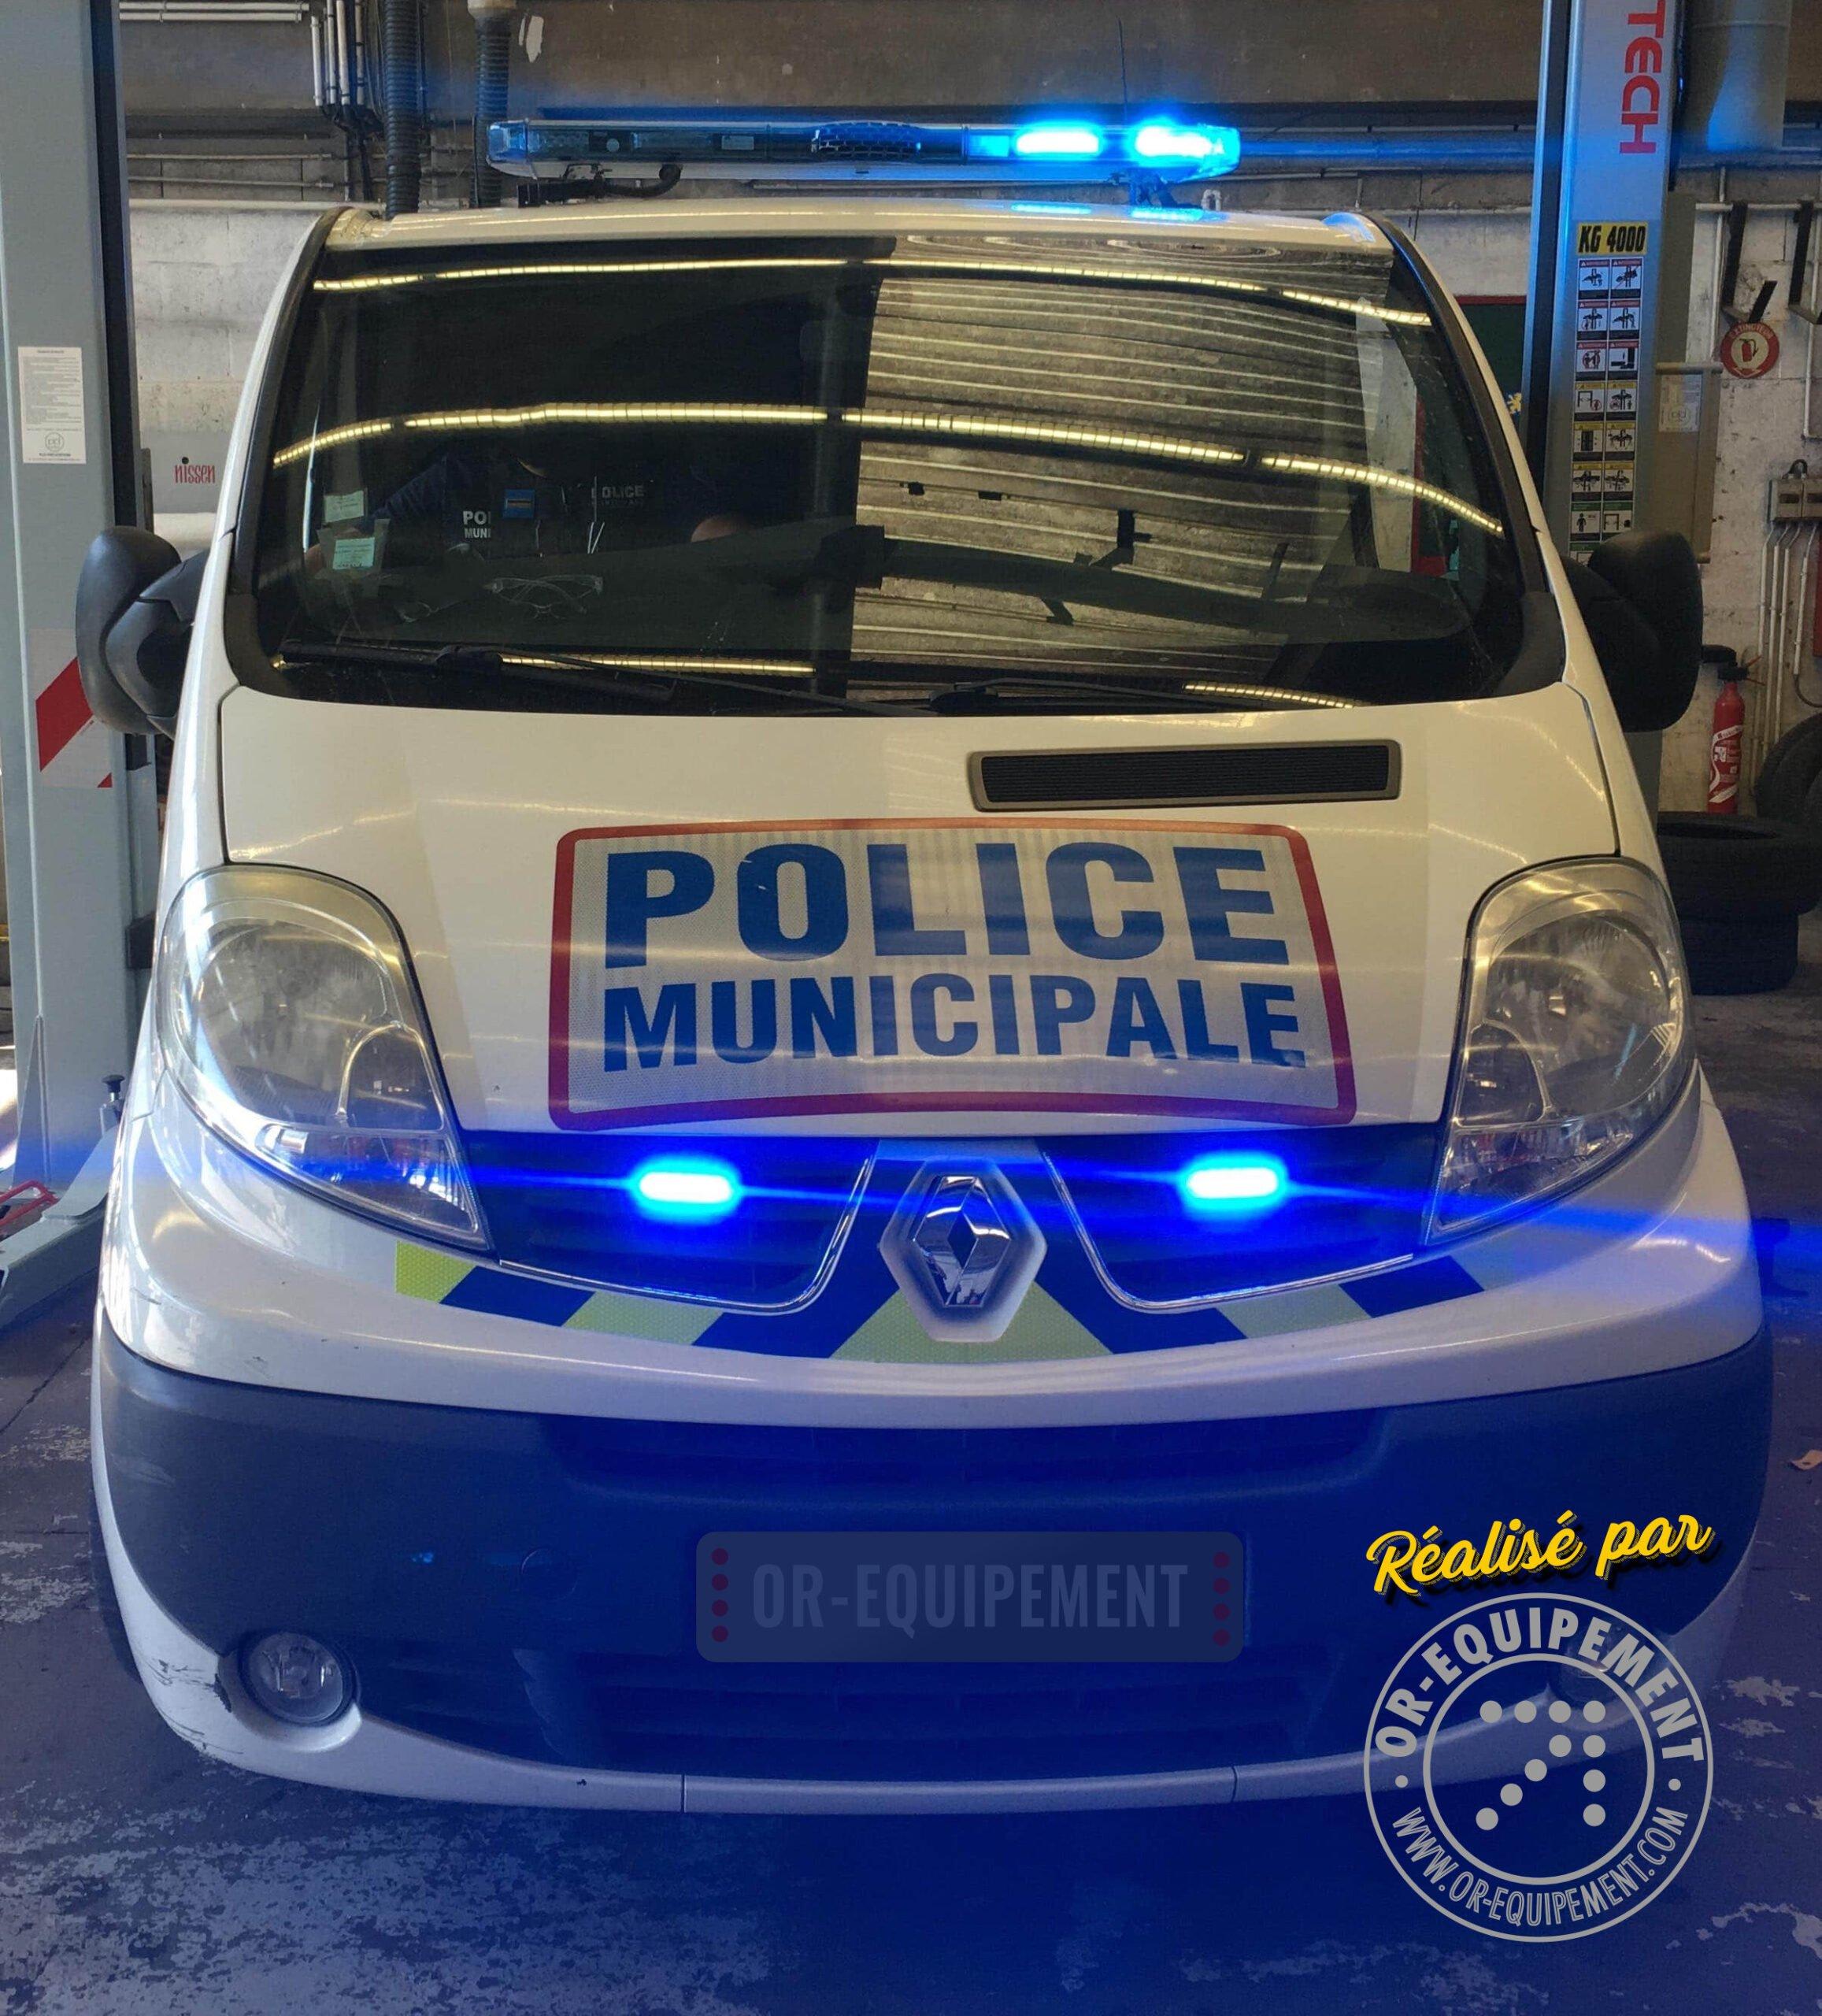 Police Municipale de Garges-lès-Gonesse